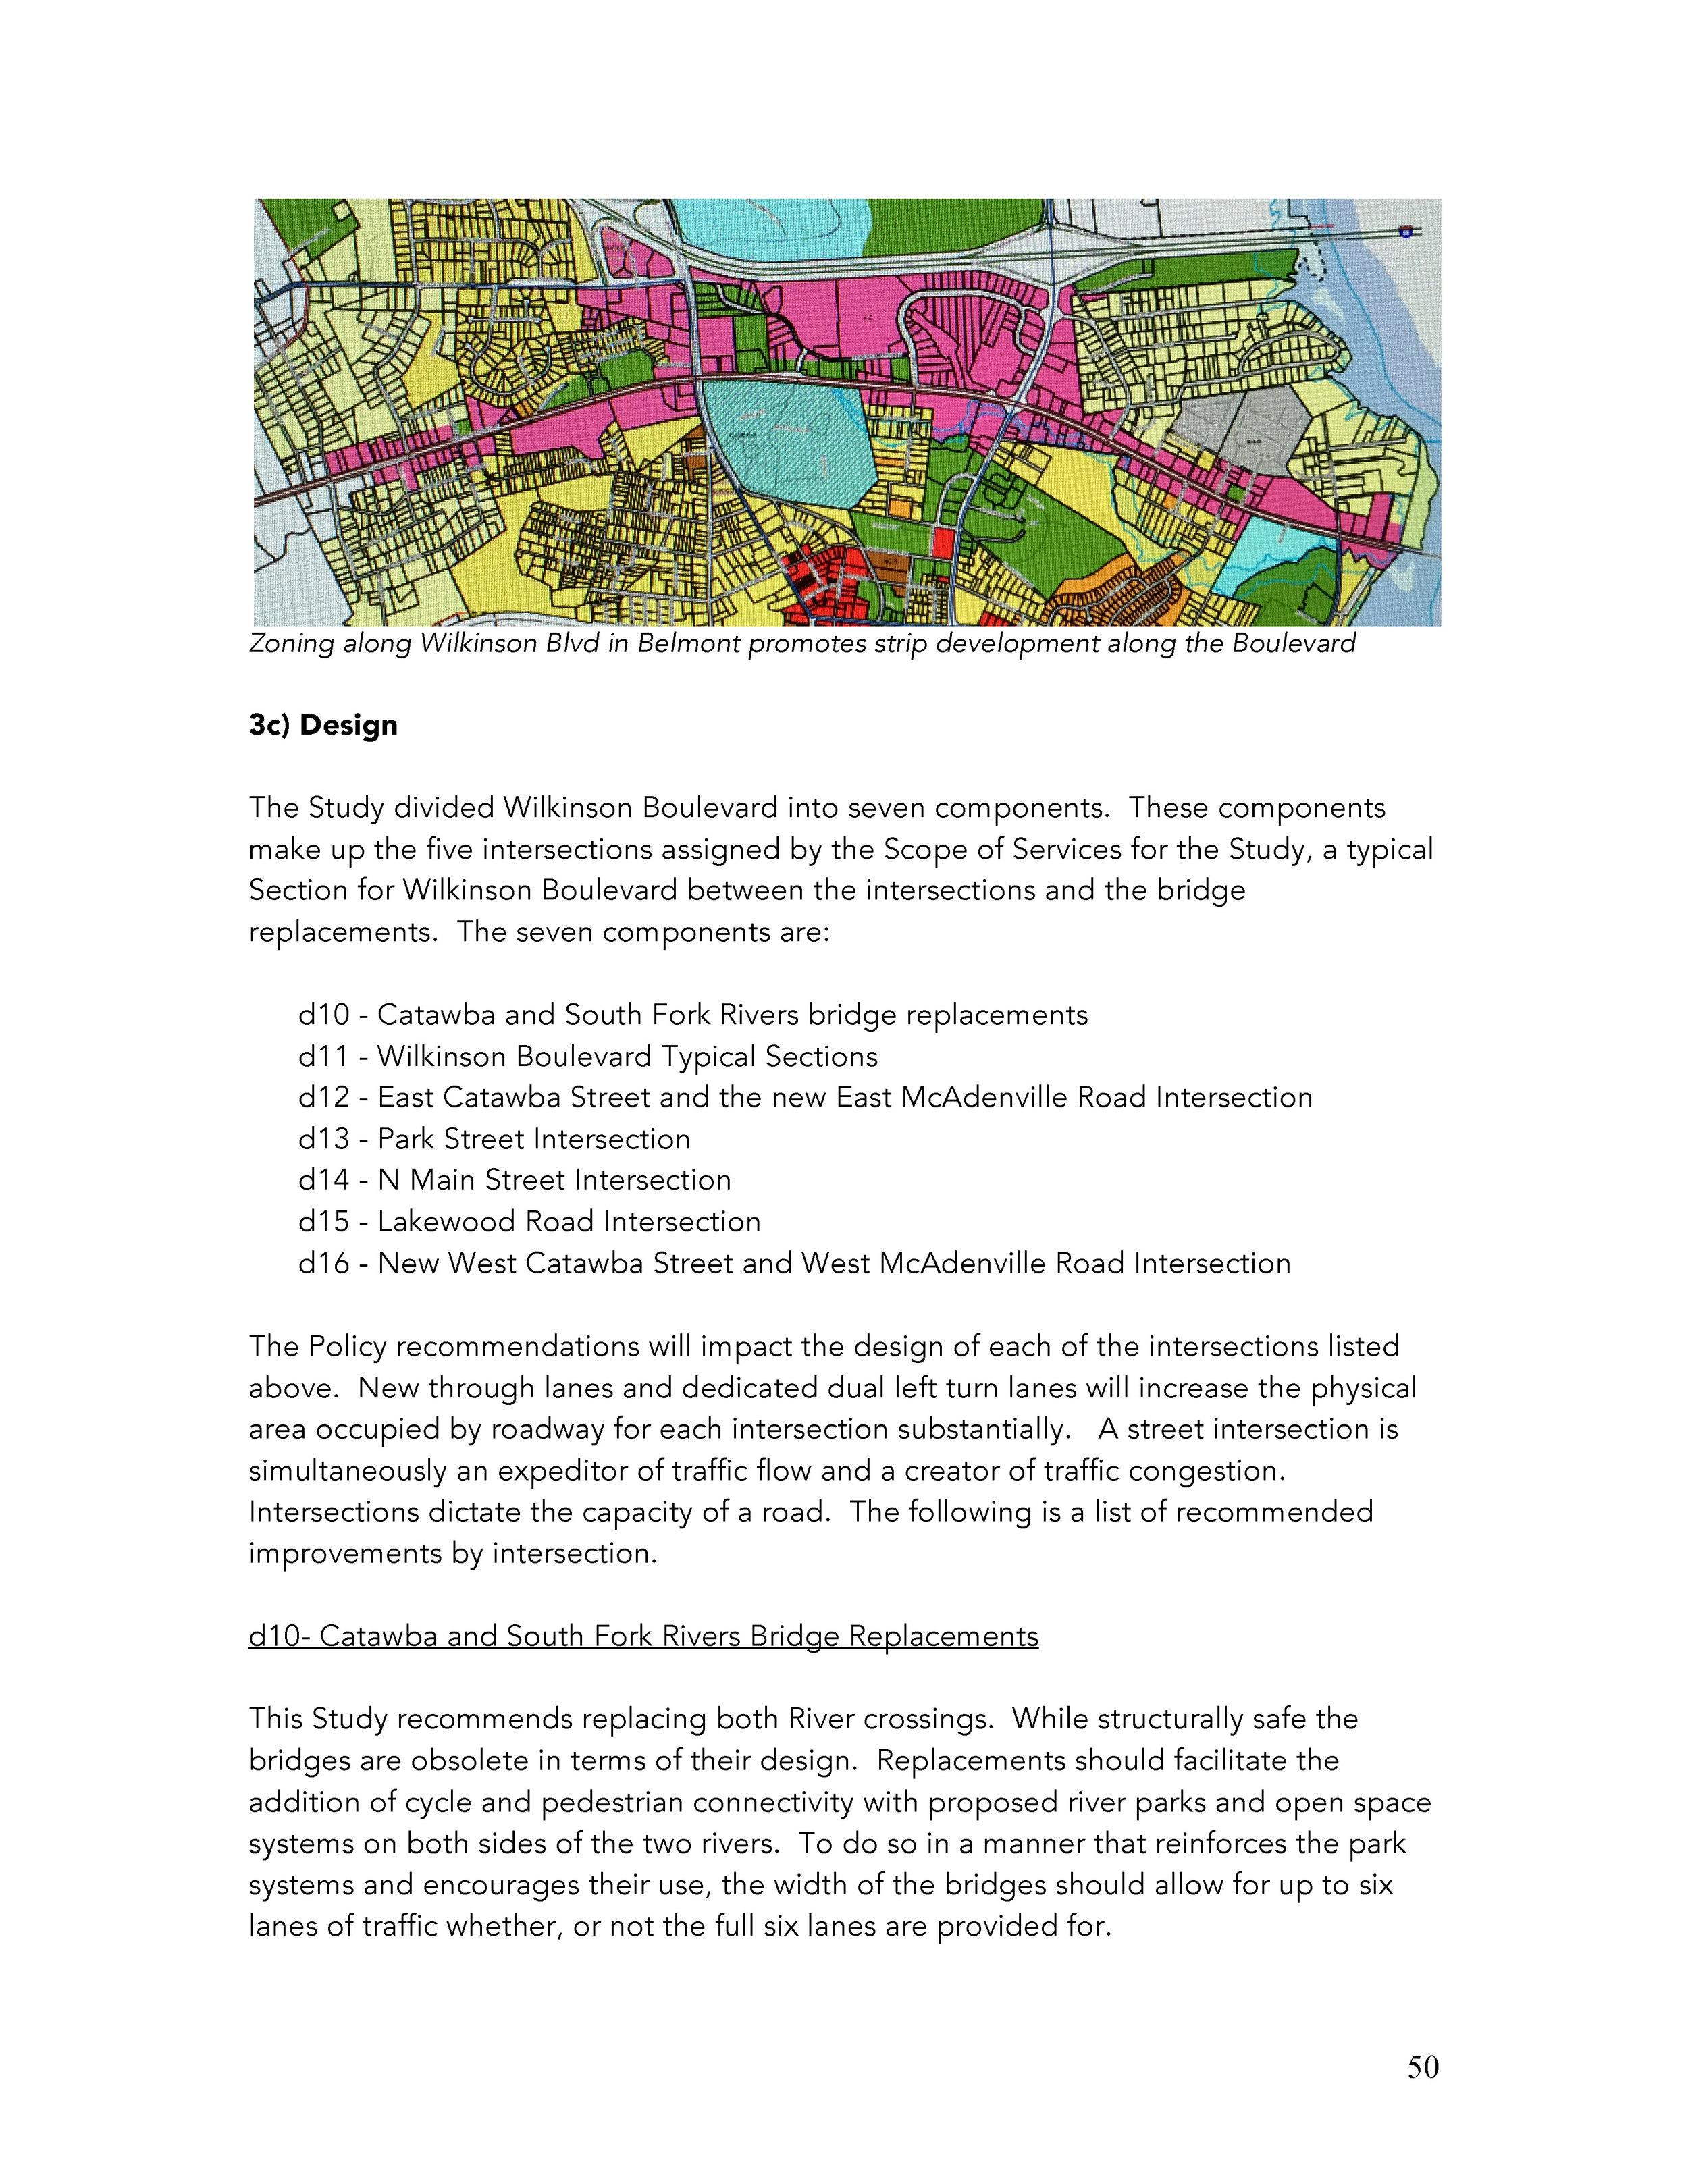 1 WilkinsonBlvd Draft Report 1-22-15 RH_Peter Edit_Page_50.jpg